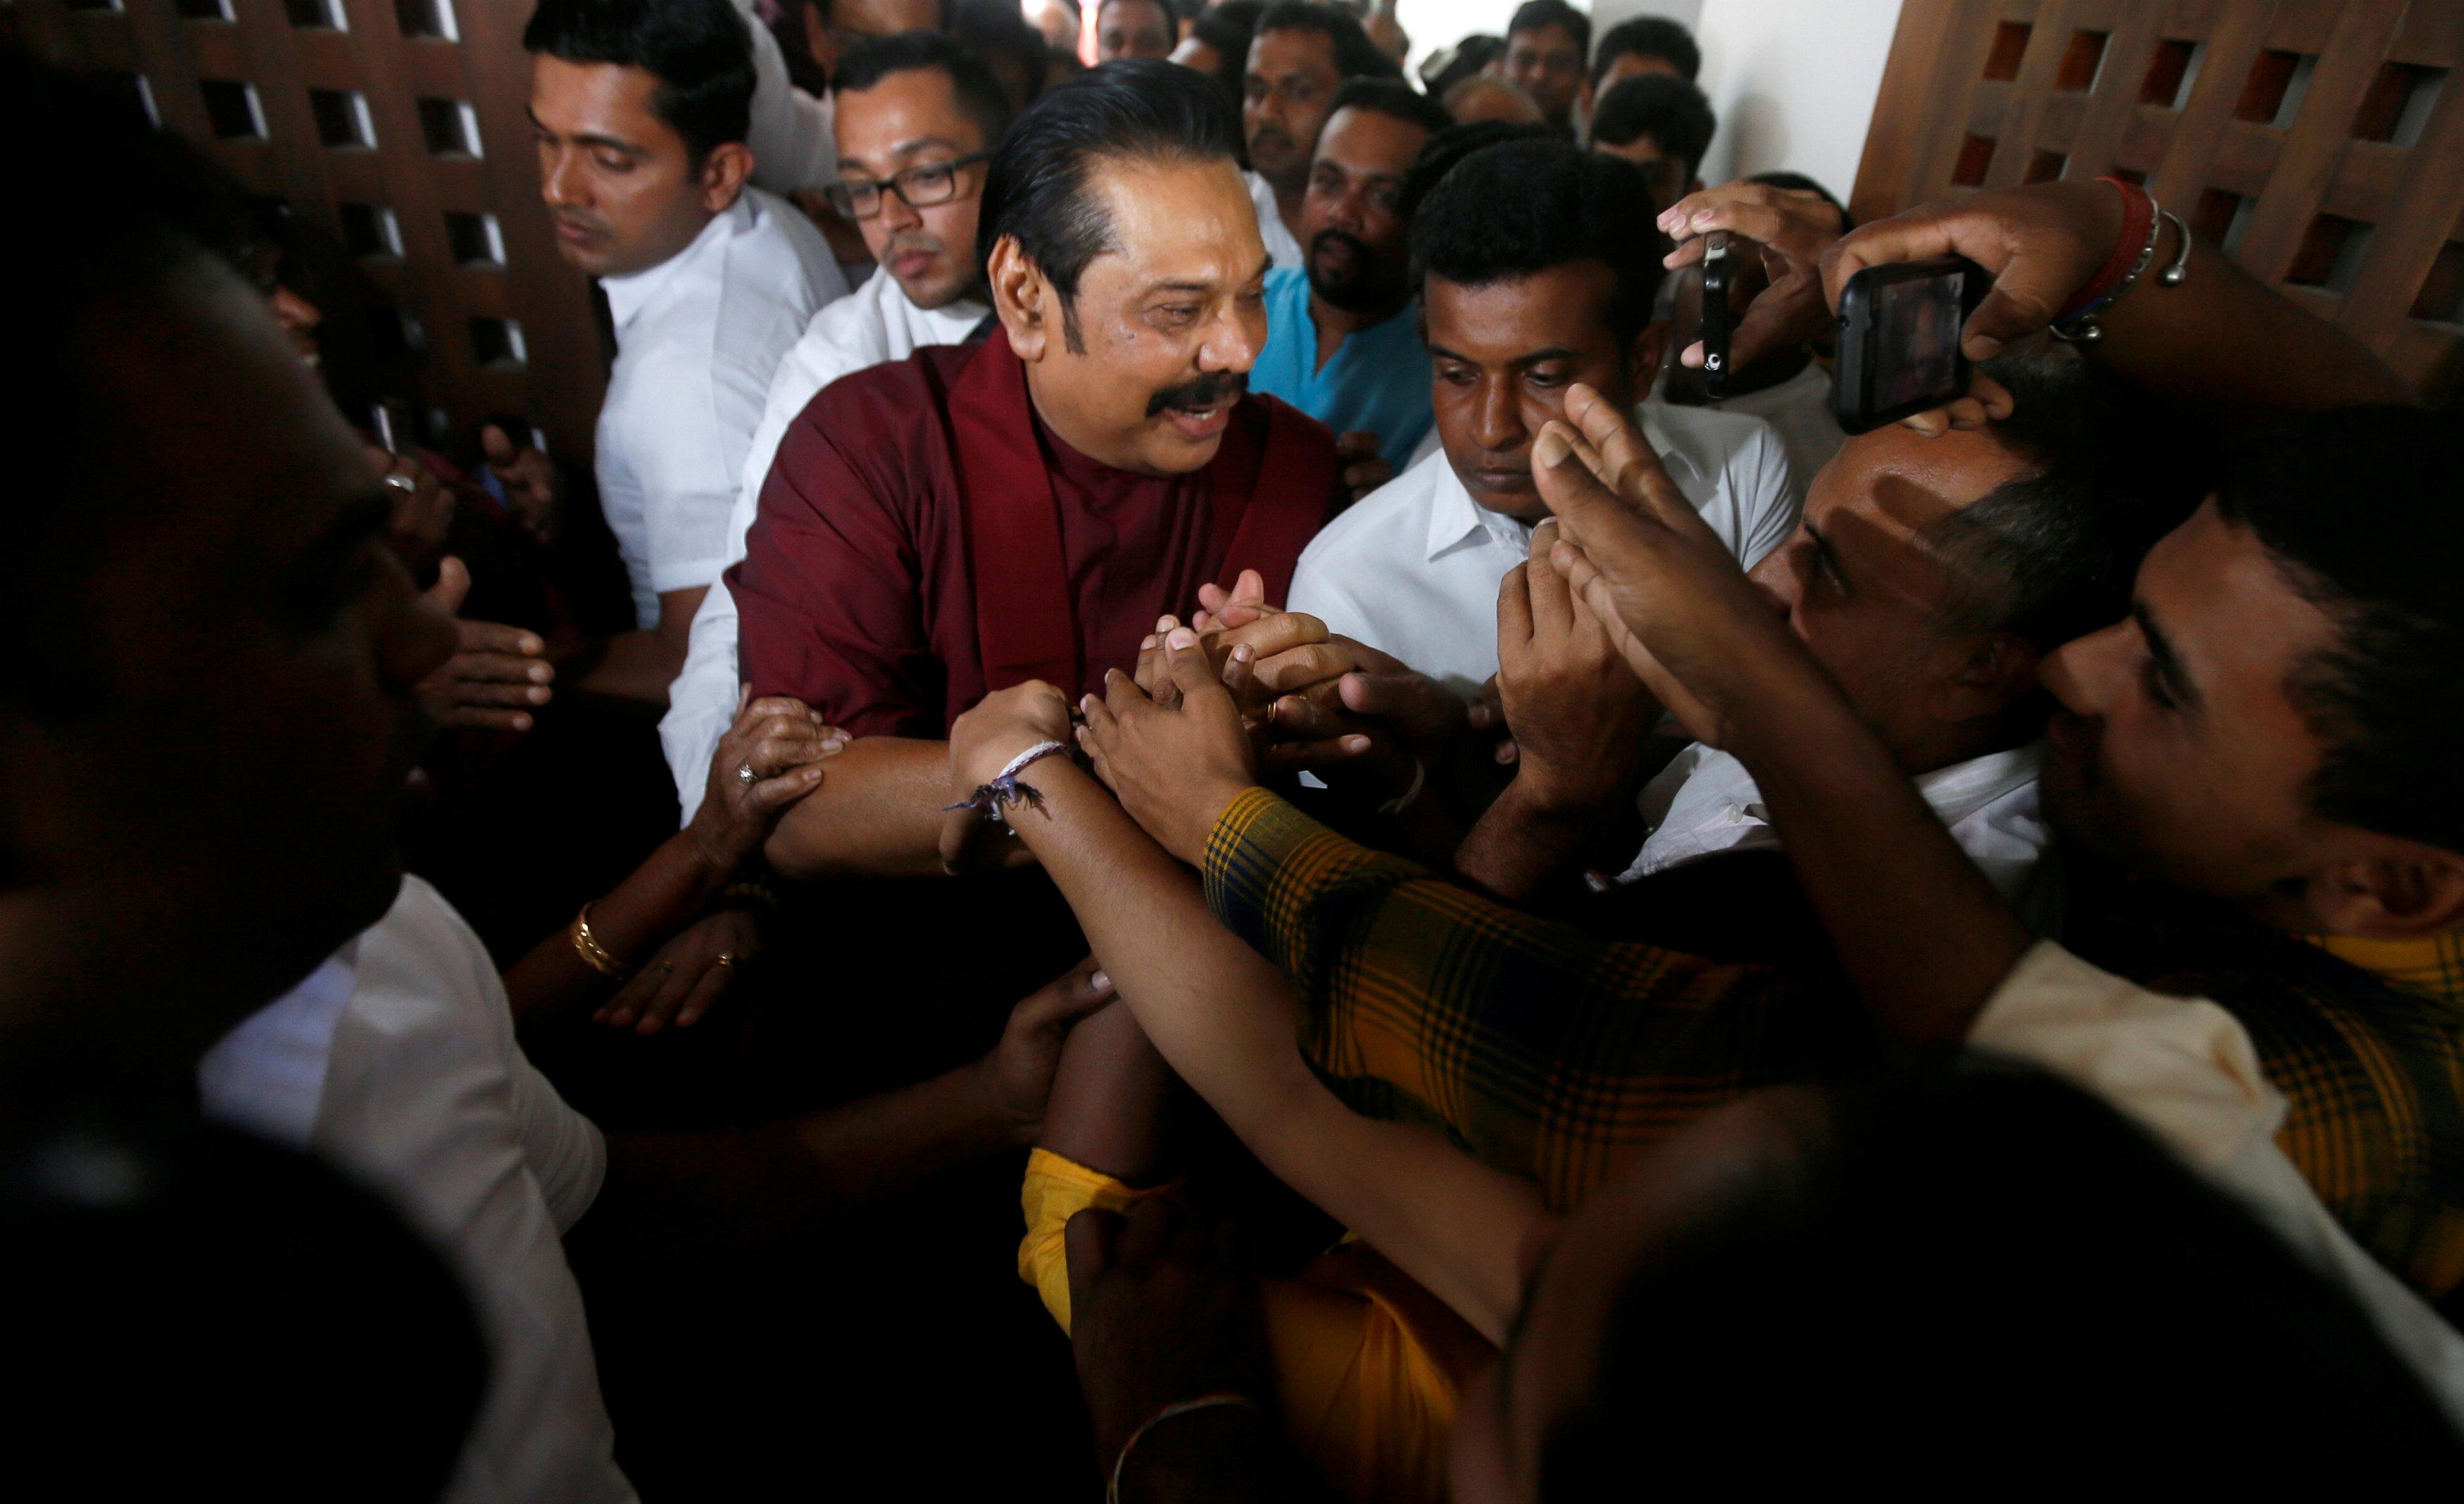 Sri Lanka's Former President Rajapaksa Seeks Fresh Elections After Council Vote Boost